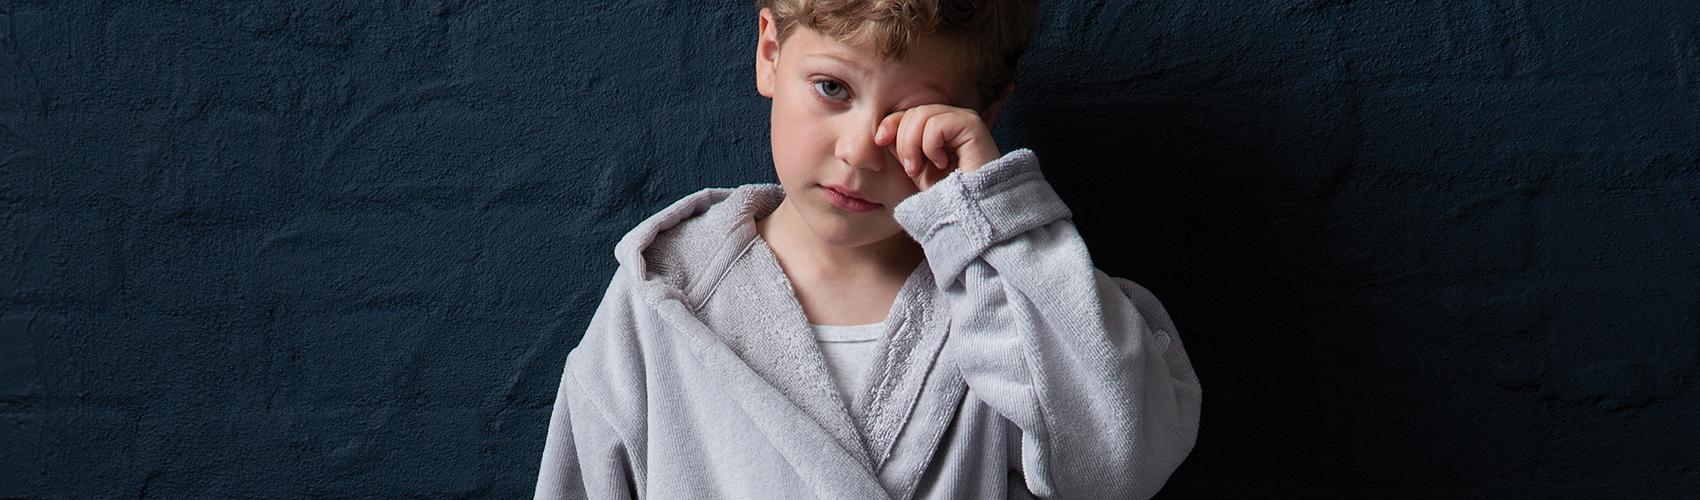 Badjas voor jongens kopen